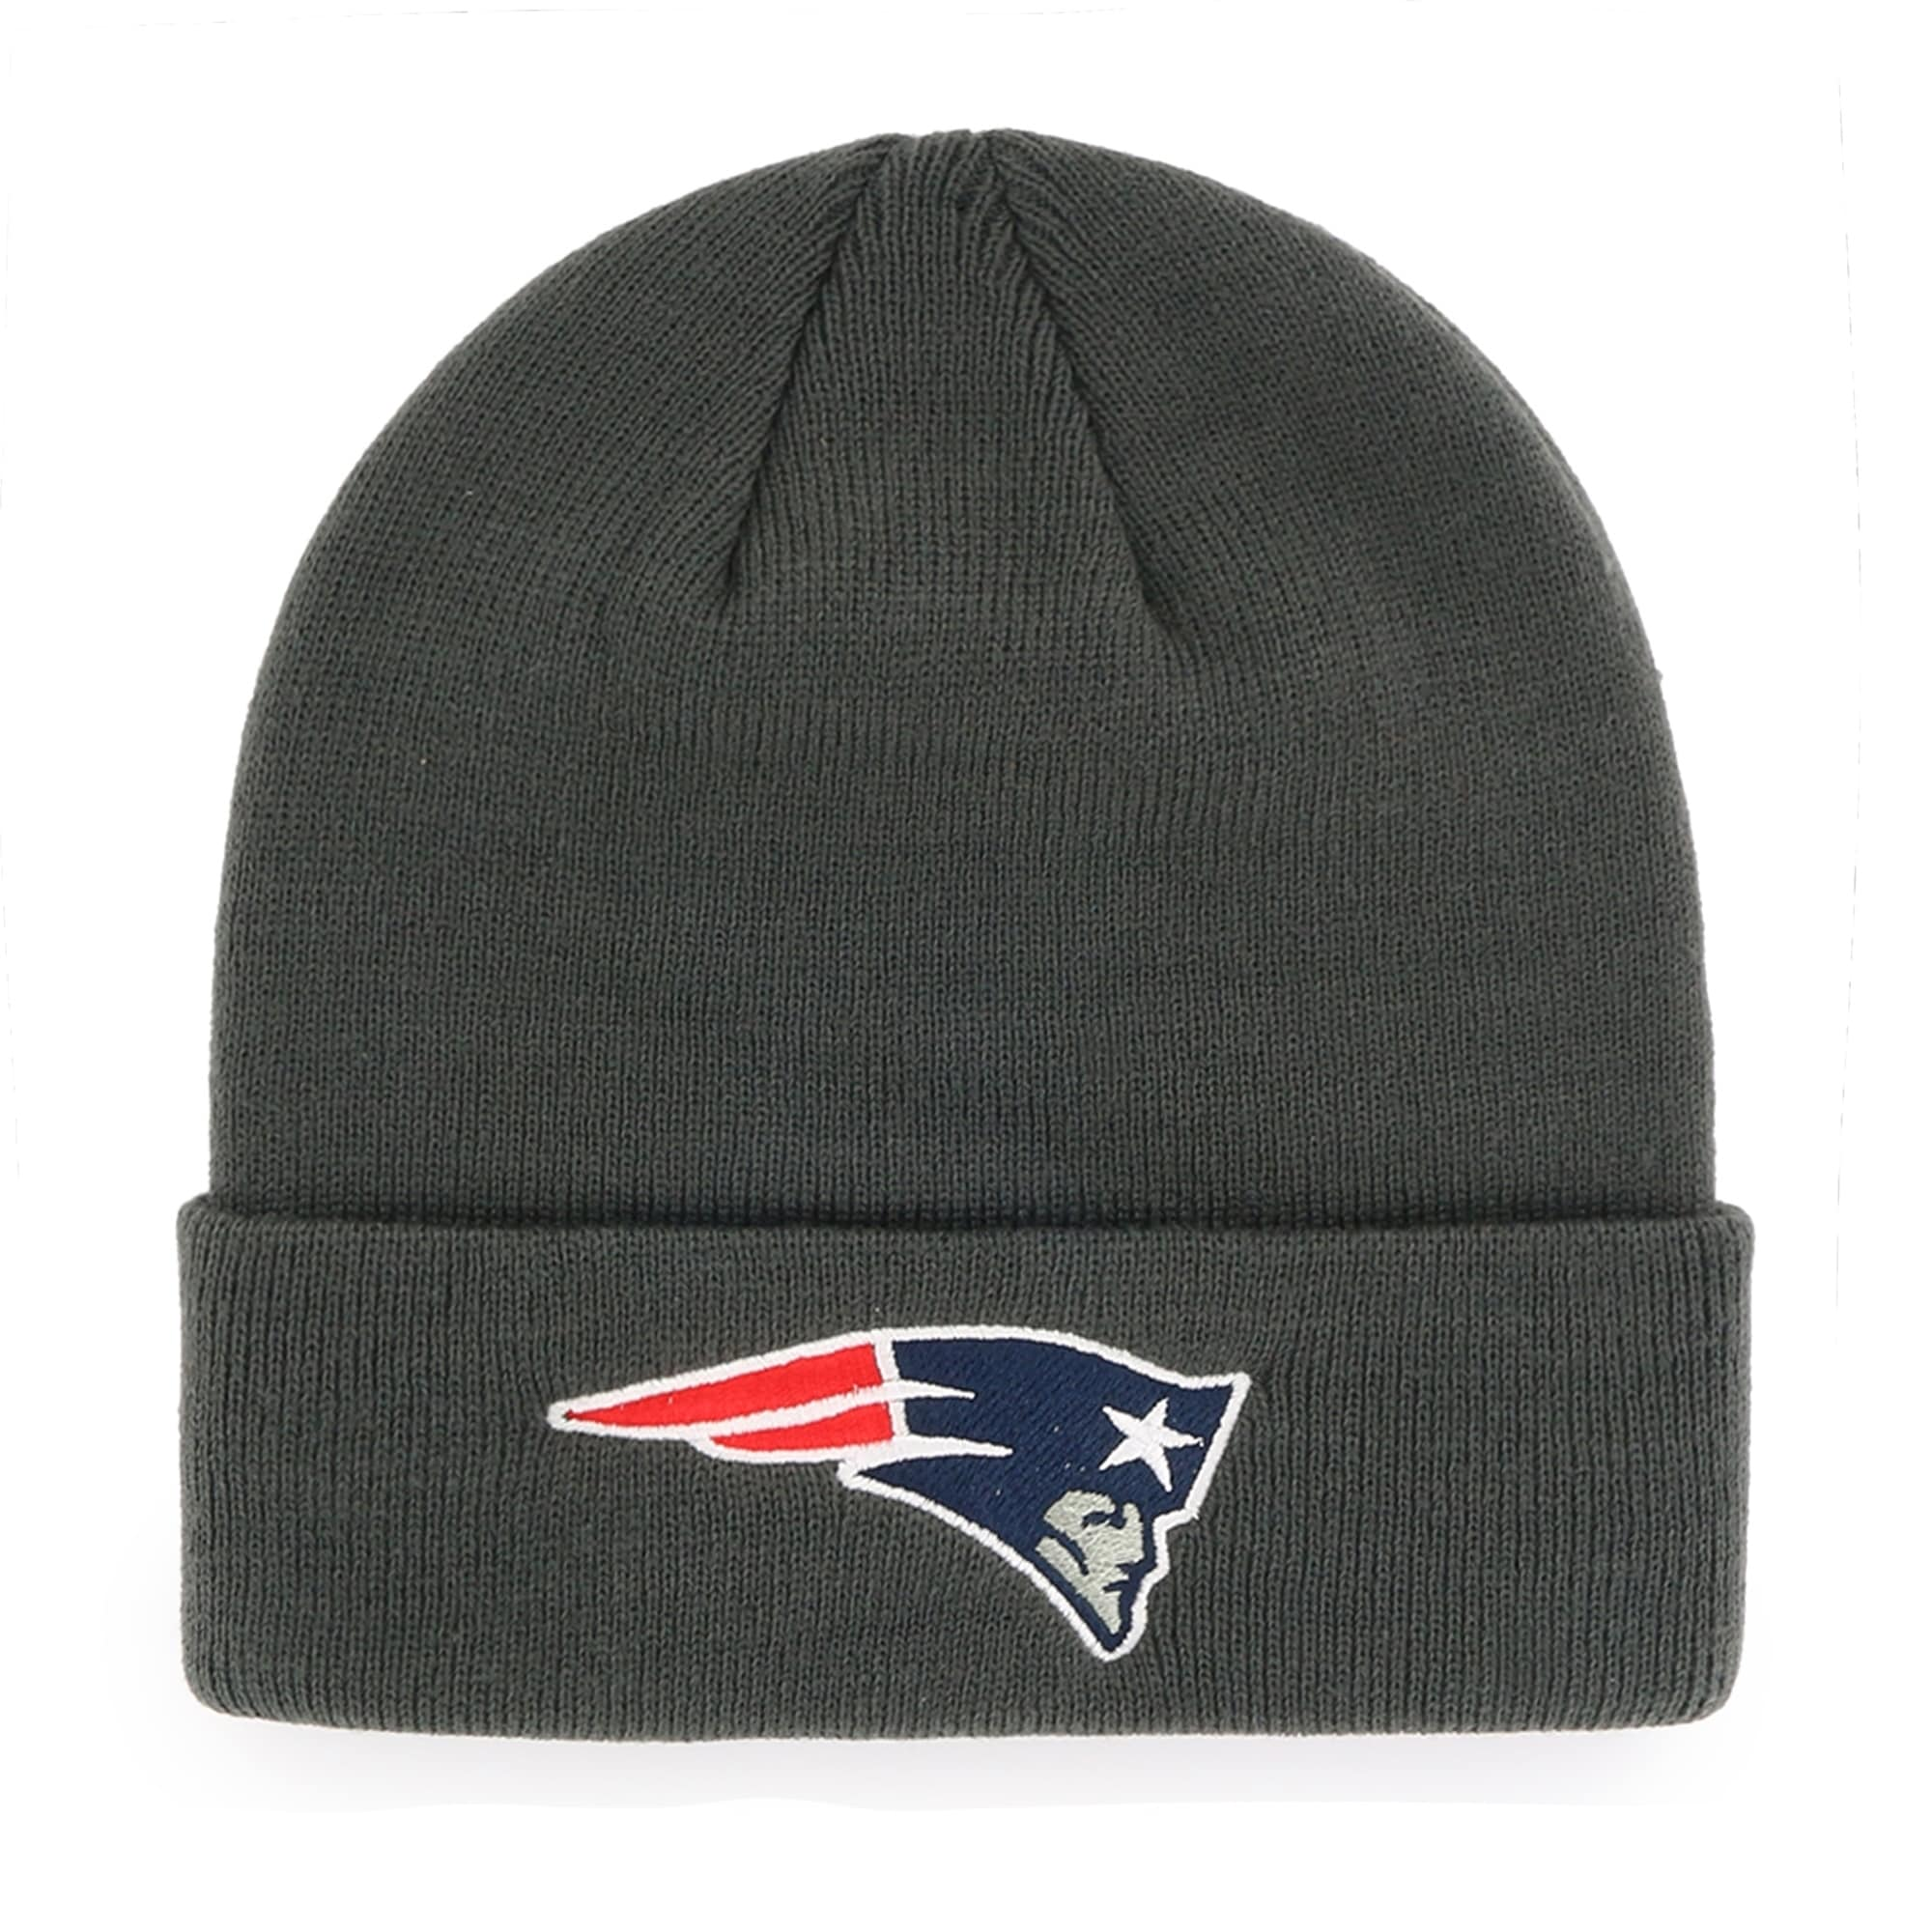 f0ce2c435b7cc NFL New England Patriots Cuff Knit Beanie 190182476547